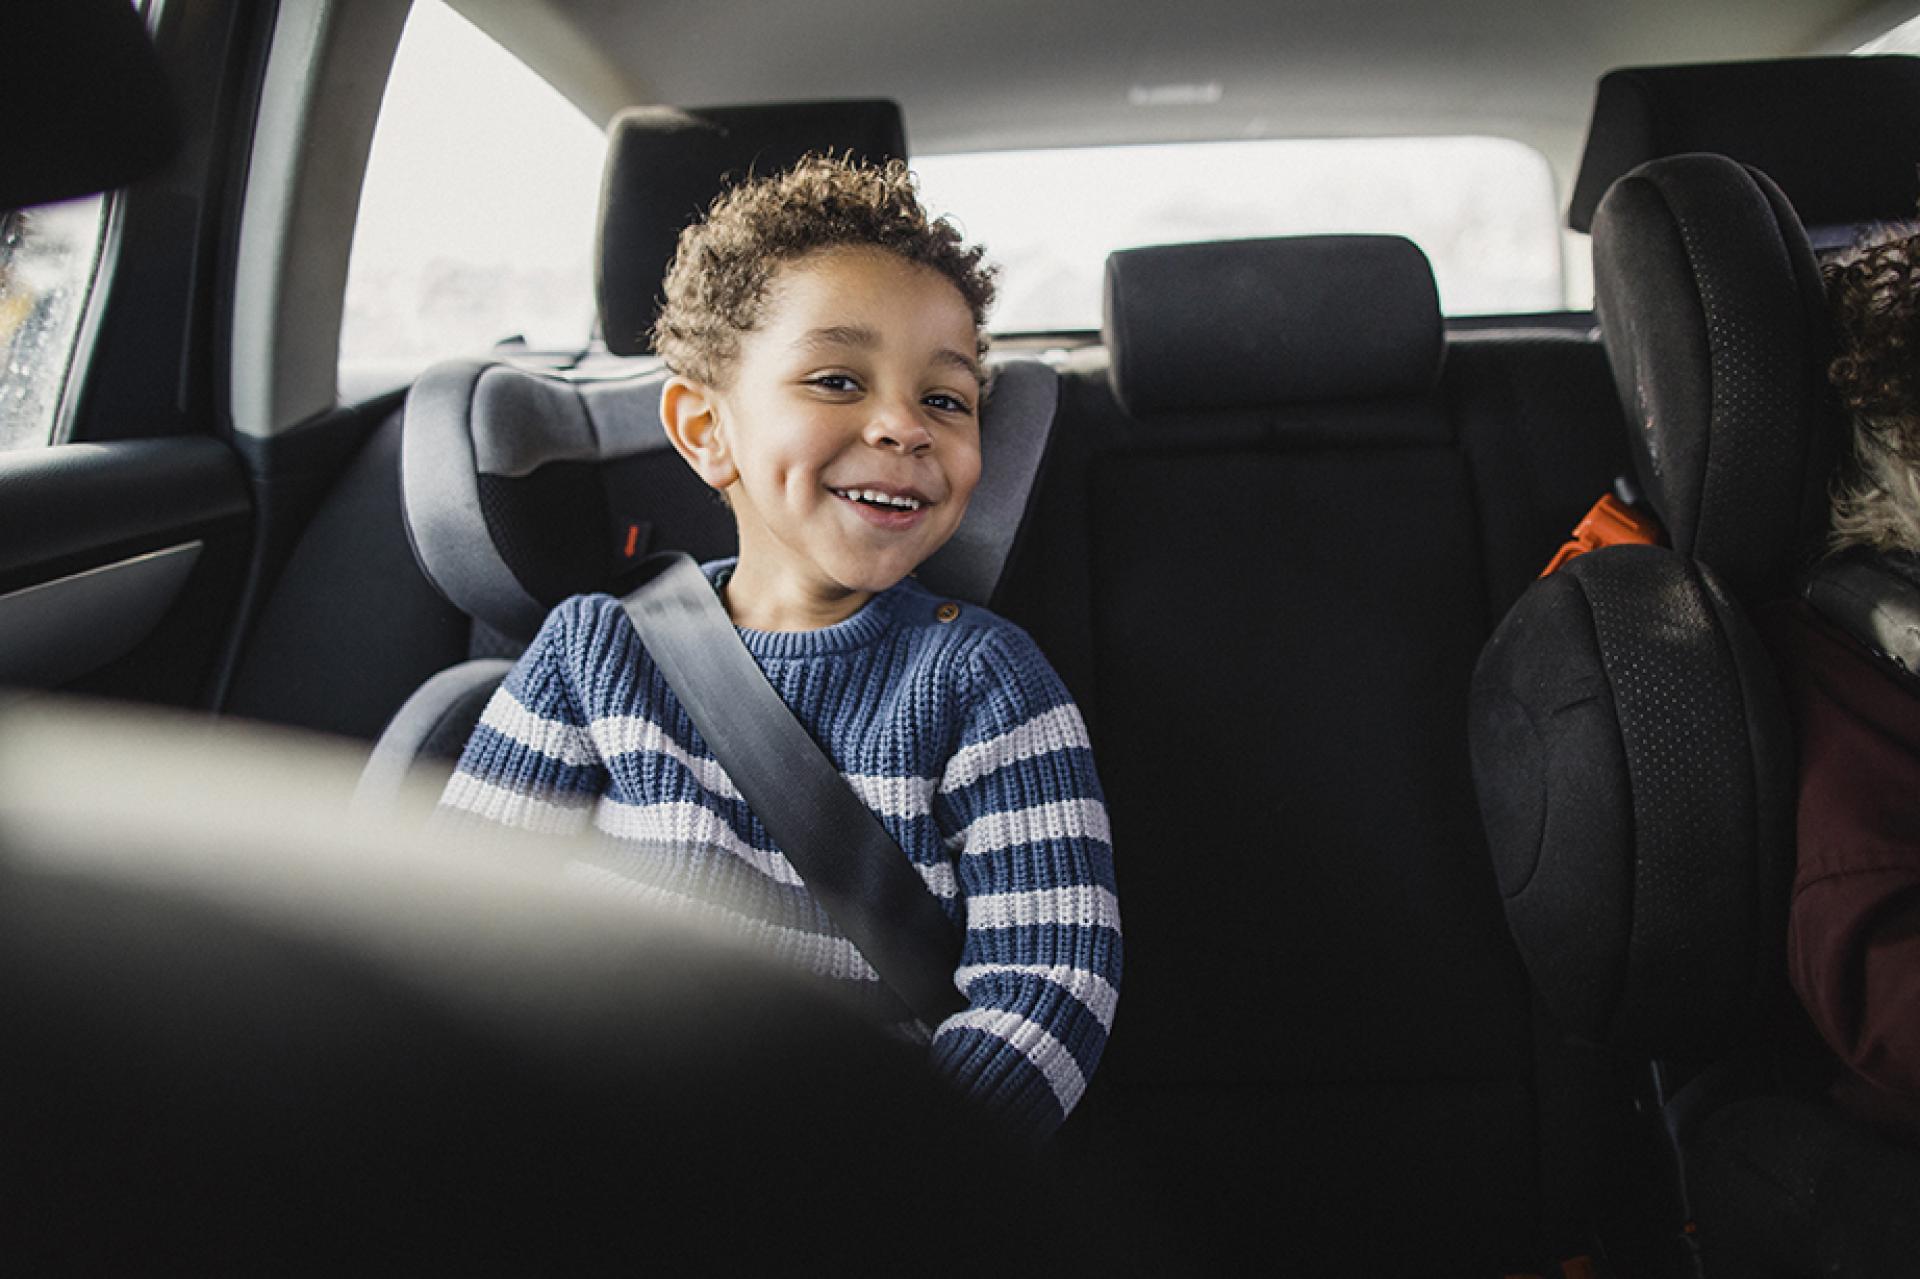 Child in car seat in a car